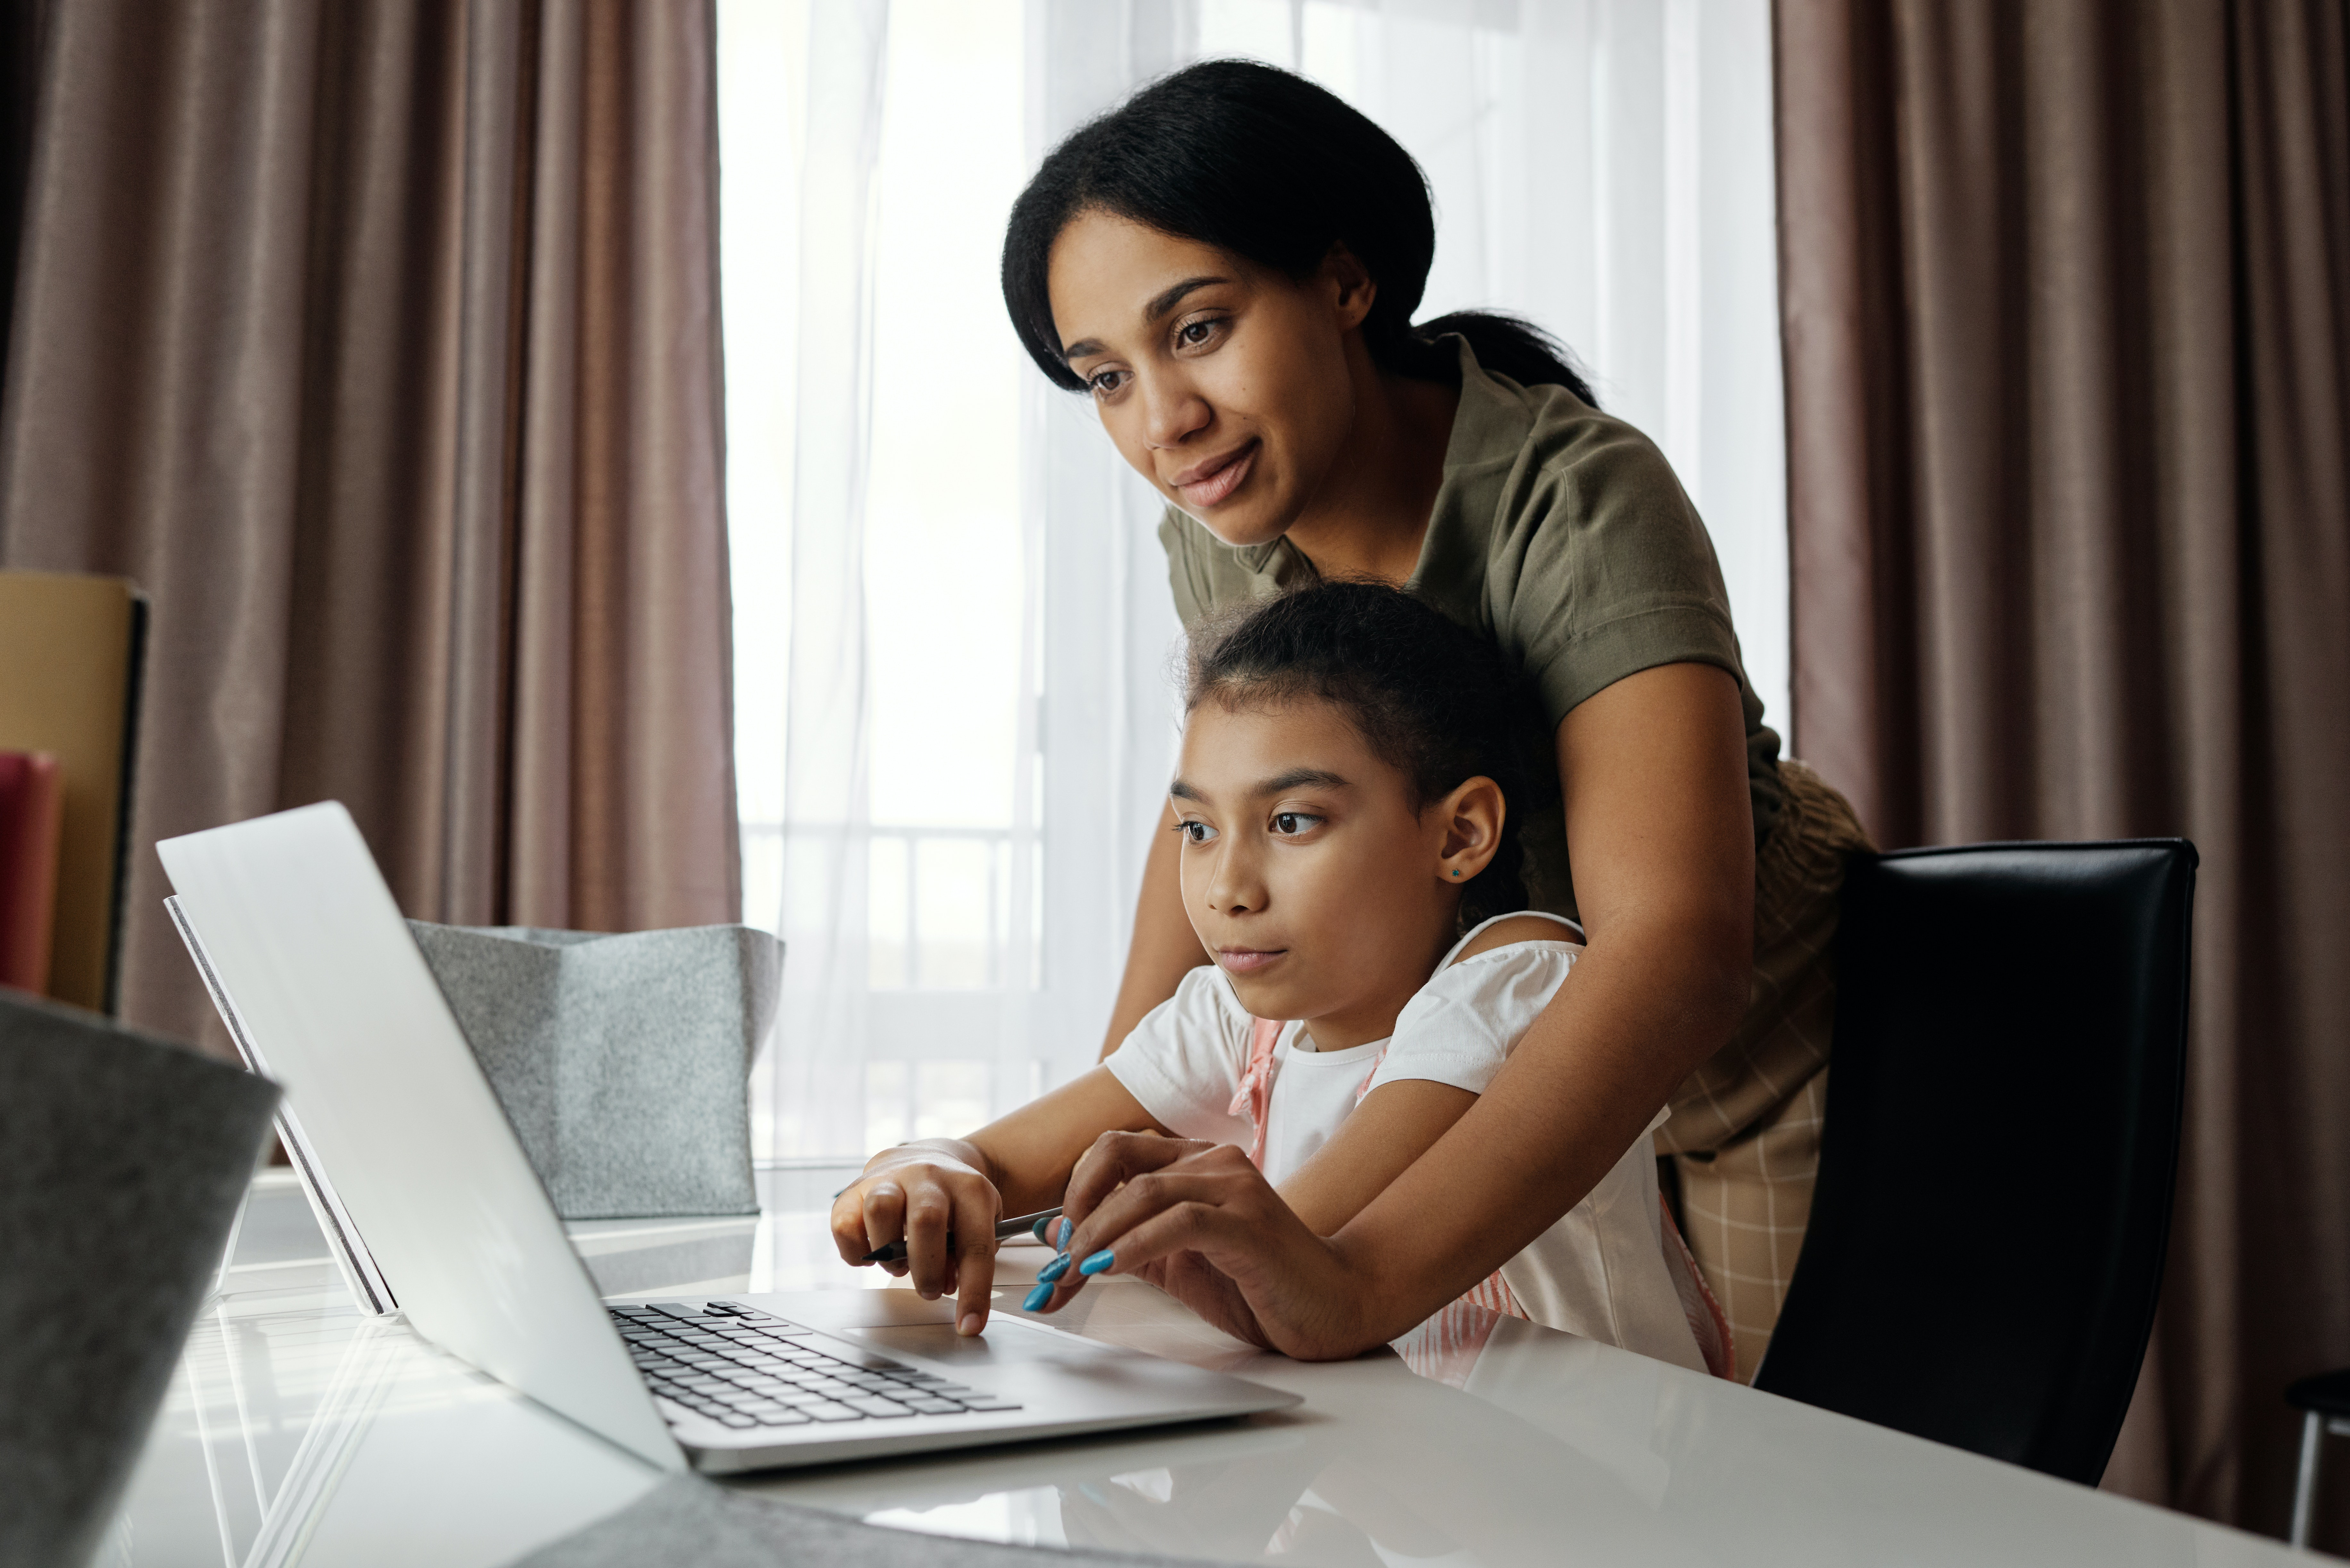 ऑनलाइन स्टडी ने मां और बच्चे दोनों की आंखों को थकाया